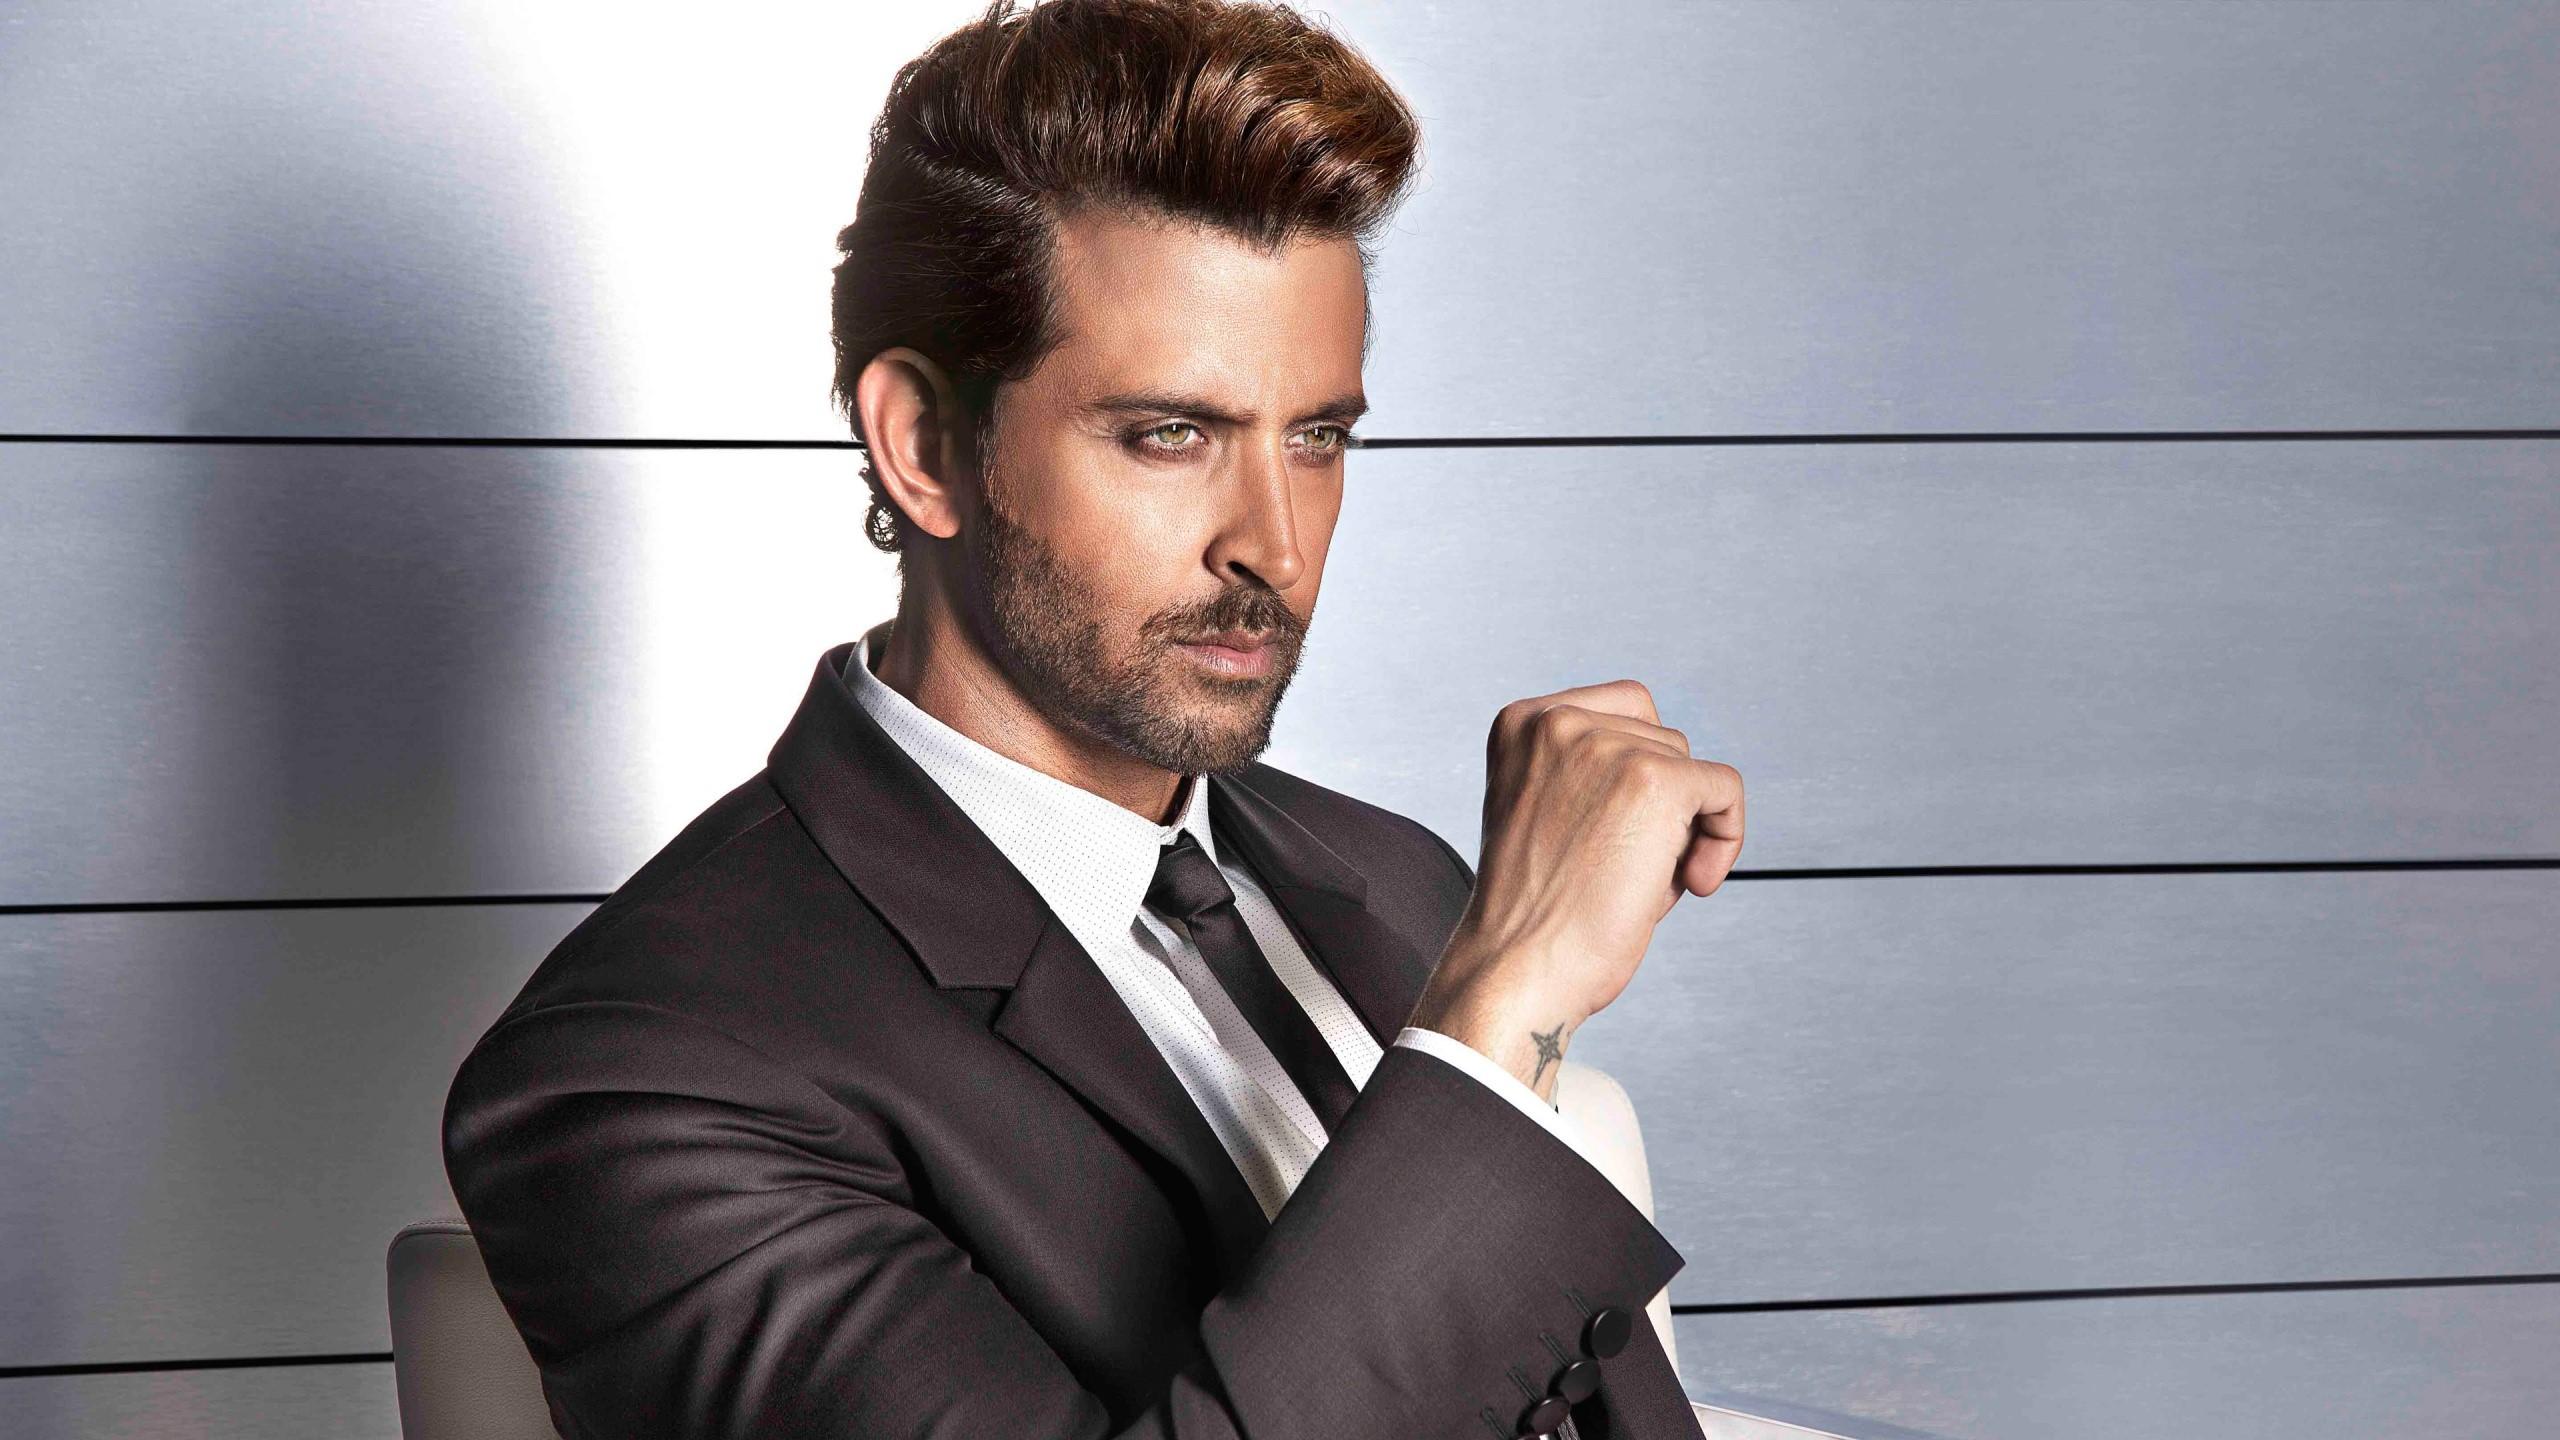 Fondos de pantalla Actor de bollywood Hrithik Roshan